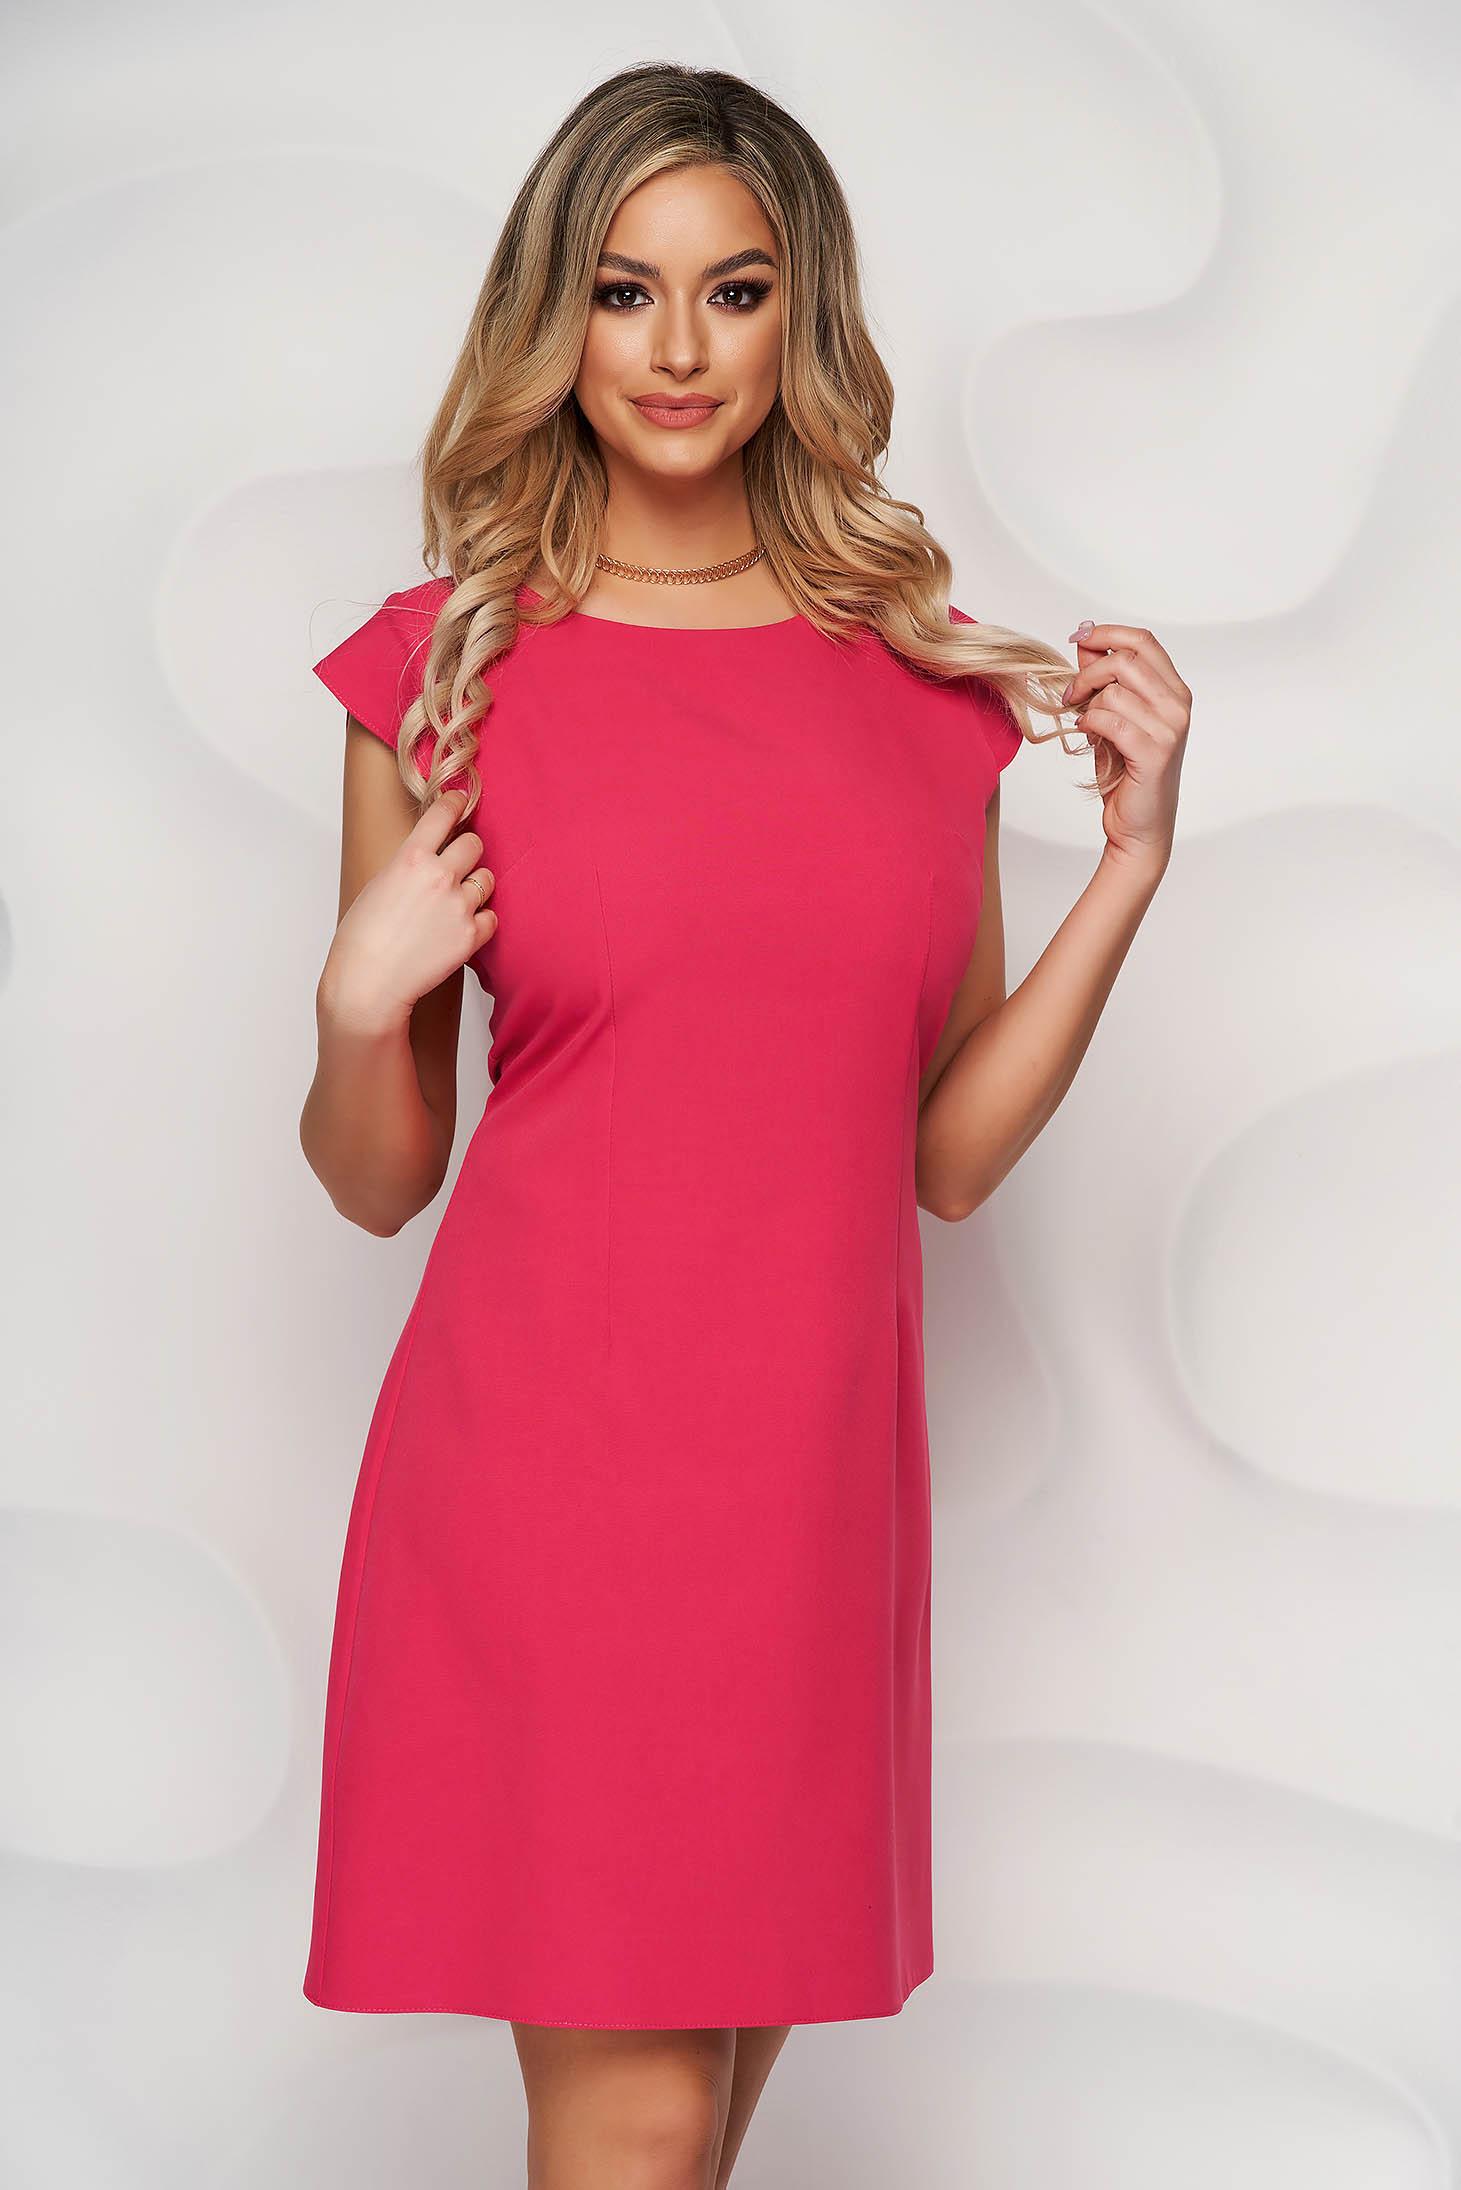 Rochie Lady Pandora roz cu croi in a din material usor elastic cu decolteu rotunjit